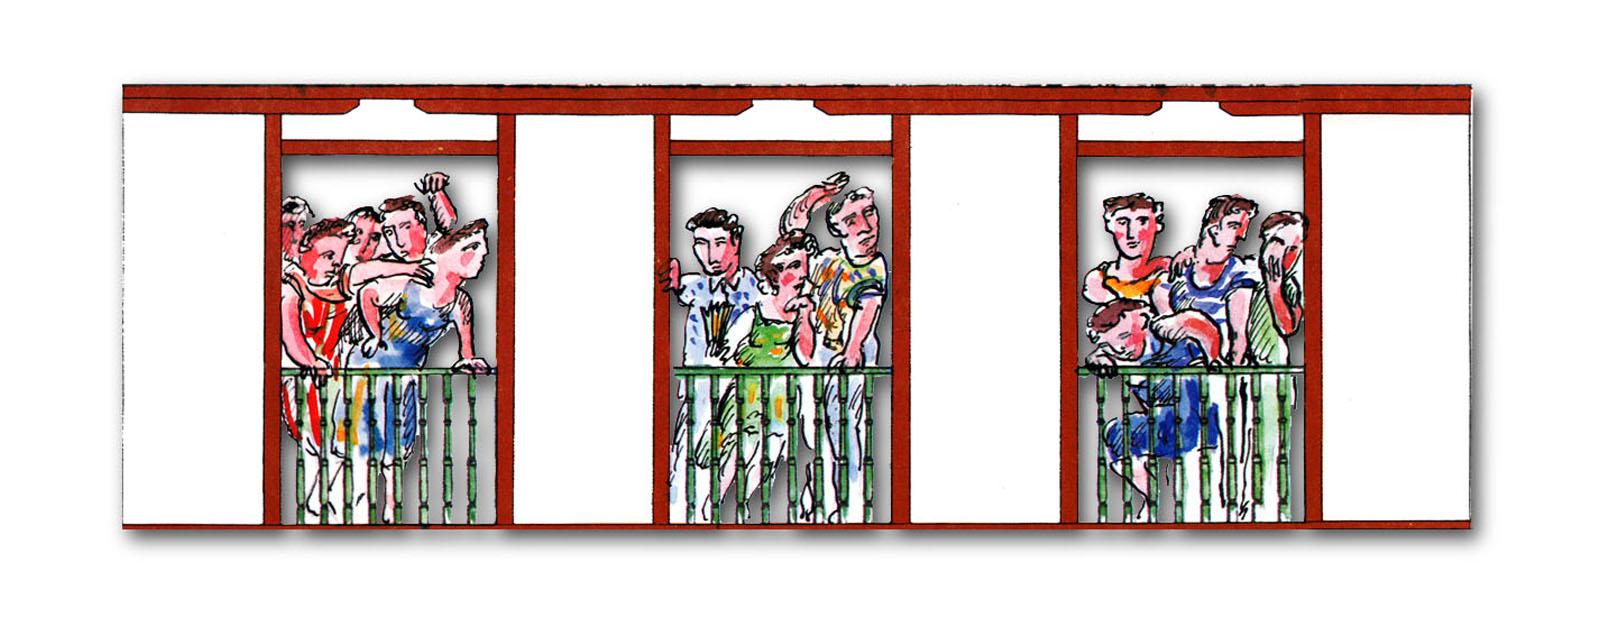 danielvillalobos-toytheater-prezvillalta-almagro-corraldecomedias-6